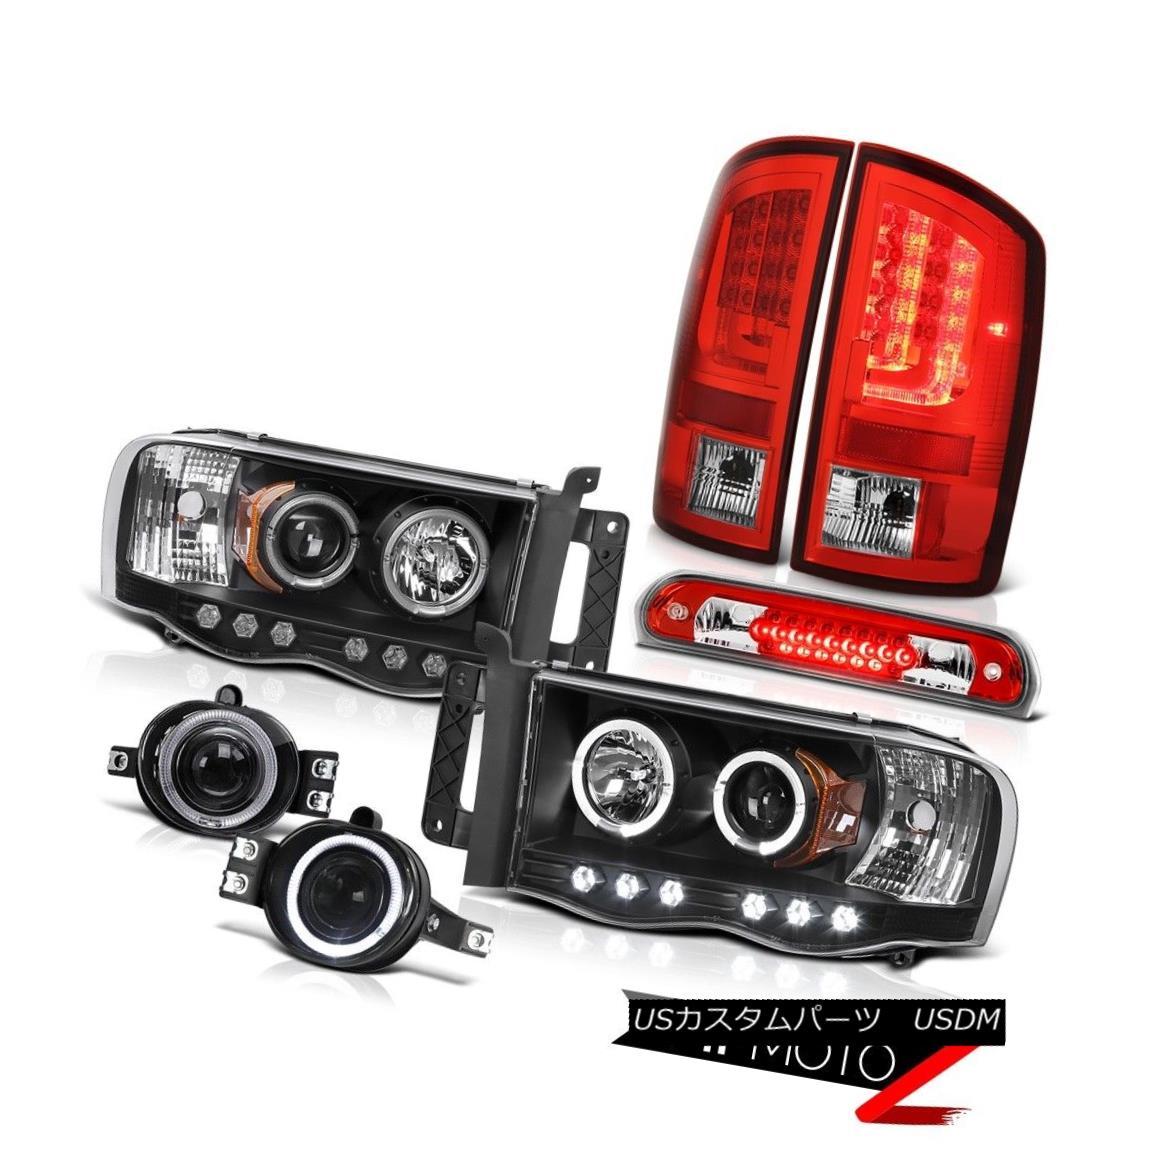 テールライト 2003-2005 Dodge Ram 2500 WS Taillights Headlights Foglamps 3RD Brake Light LED 2003-2005 Dodge Ram 2500 WSターンライトヘッドライトフォグランプ3RDブレーキライトLED